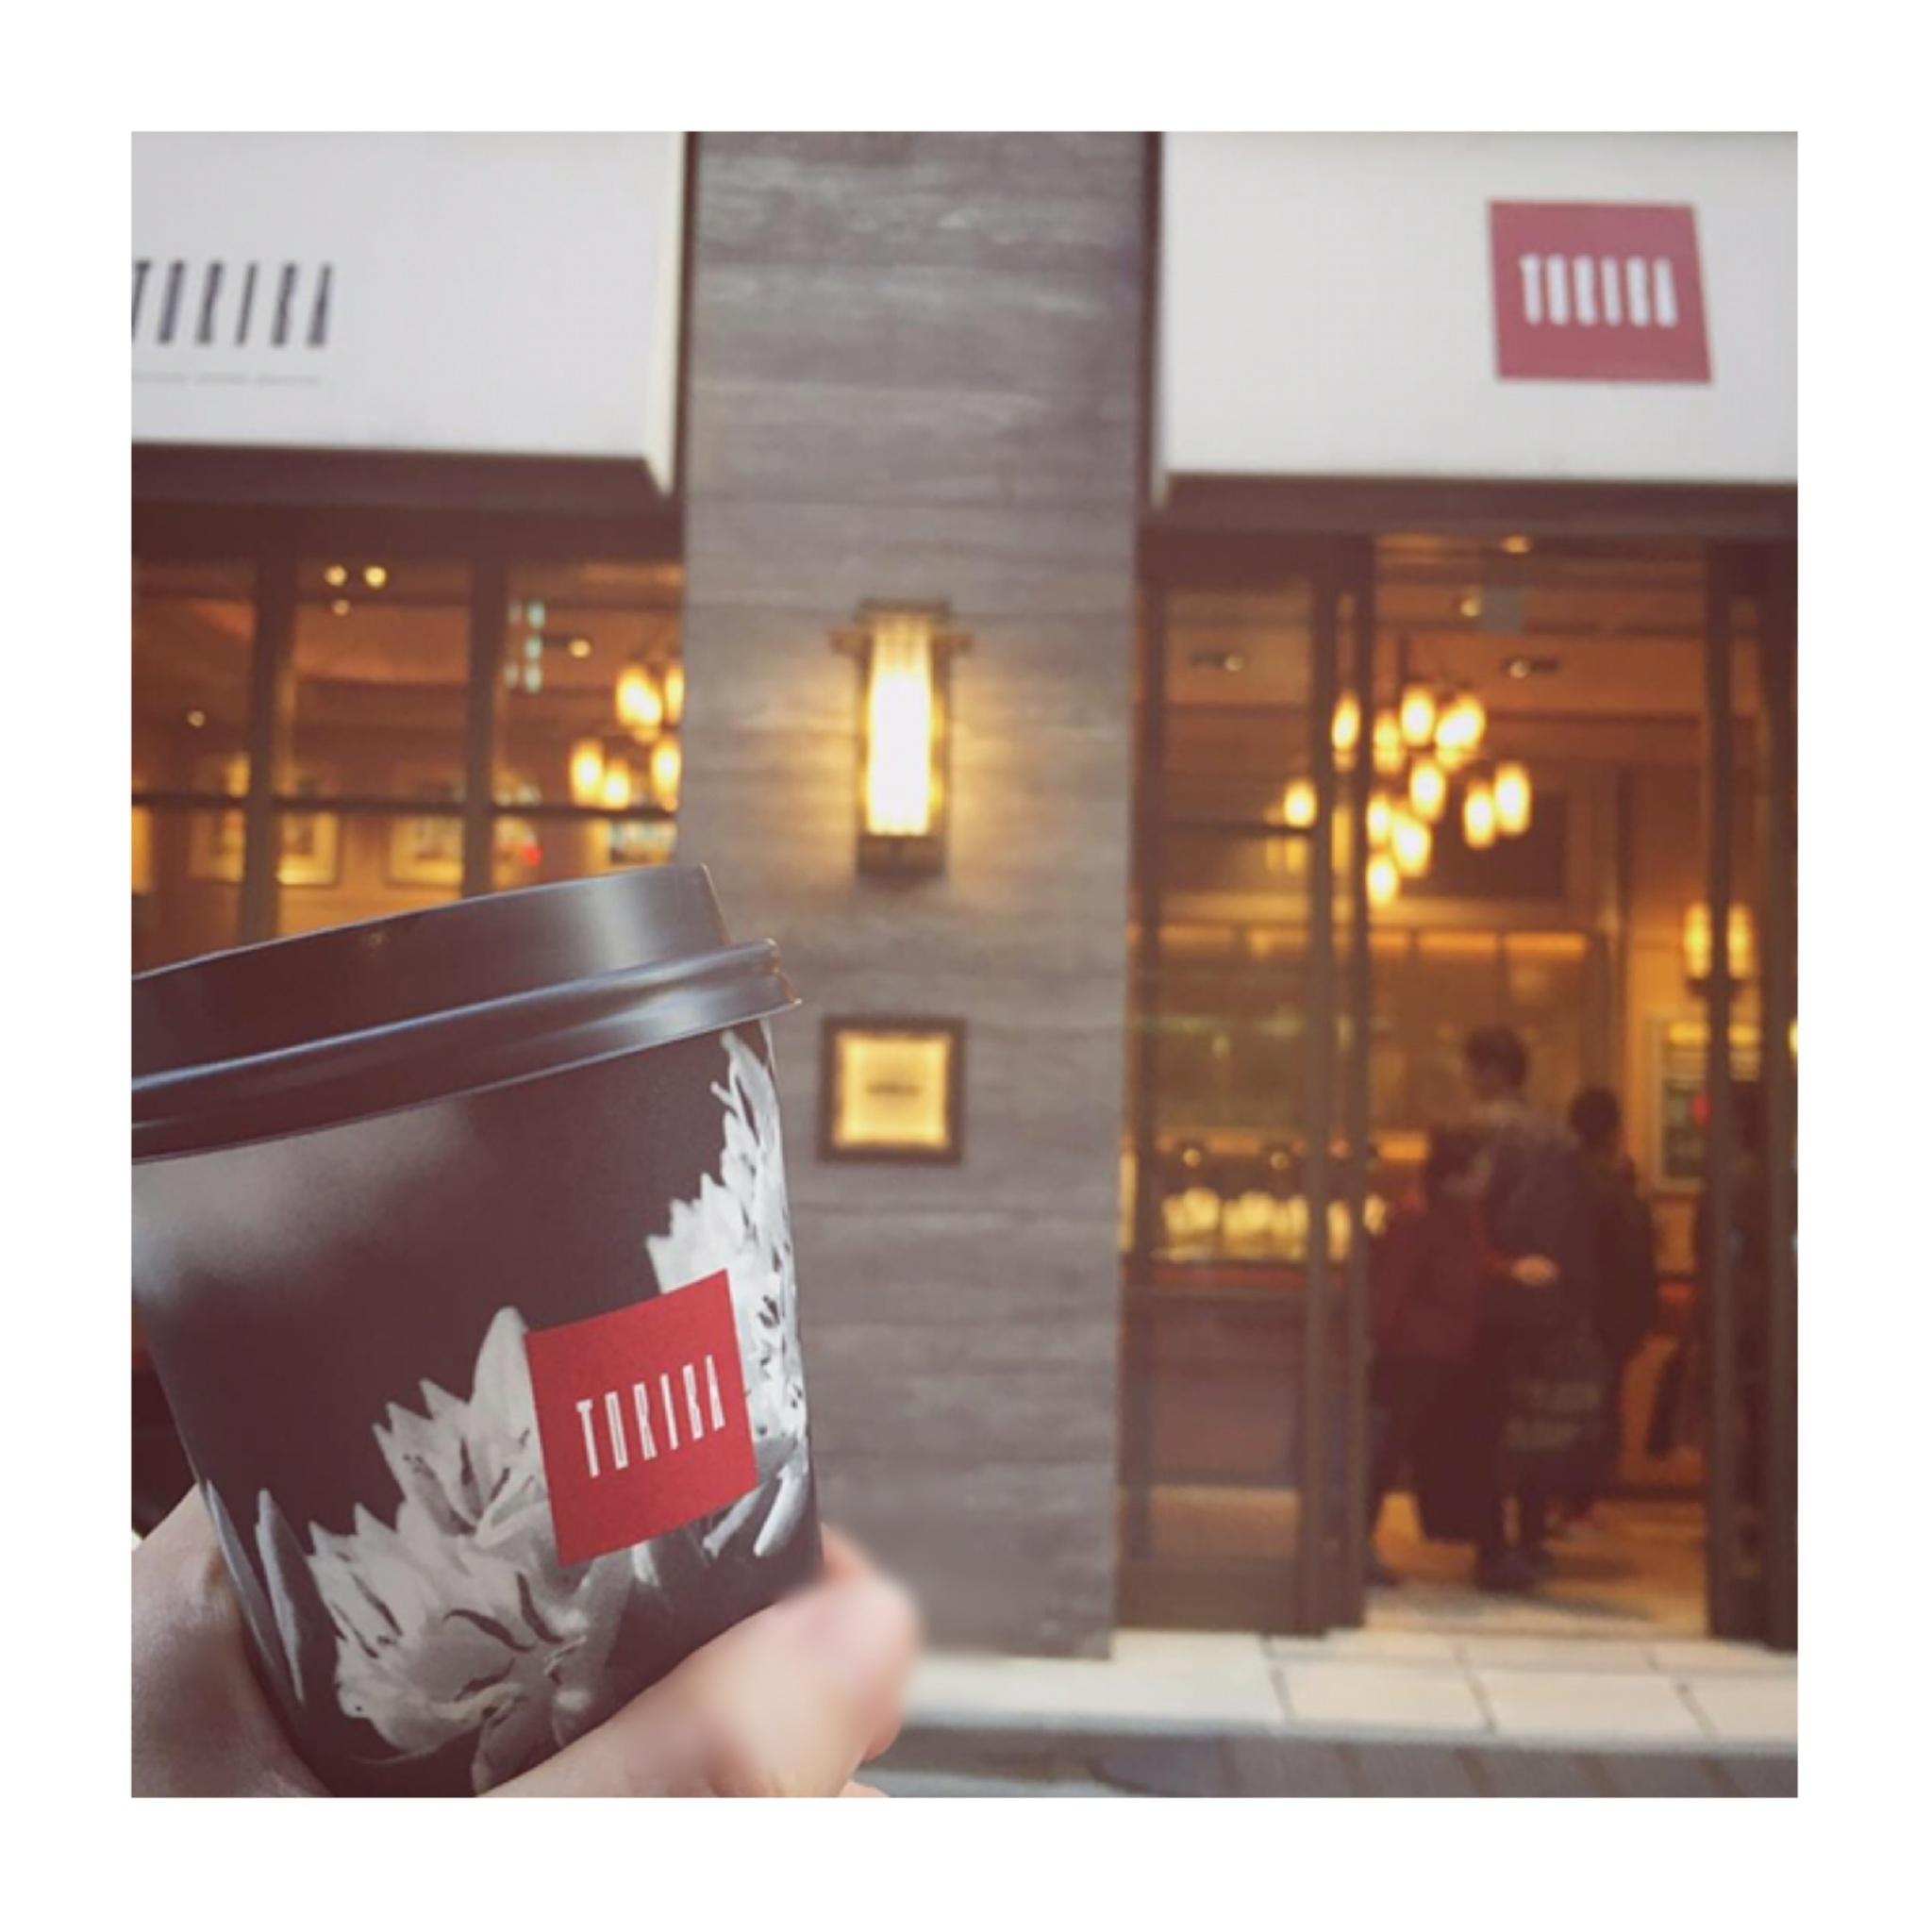 #16【#cafestagram】❤️:《銀座》でまさかの100円で本格コーヒーが飲める!『TORIBA COFFEE』☻_5